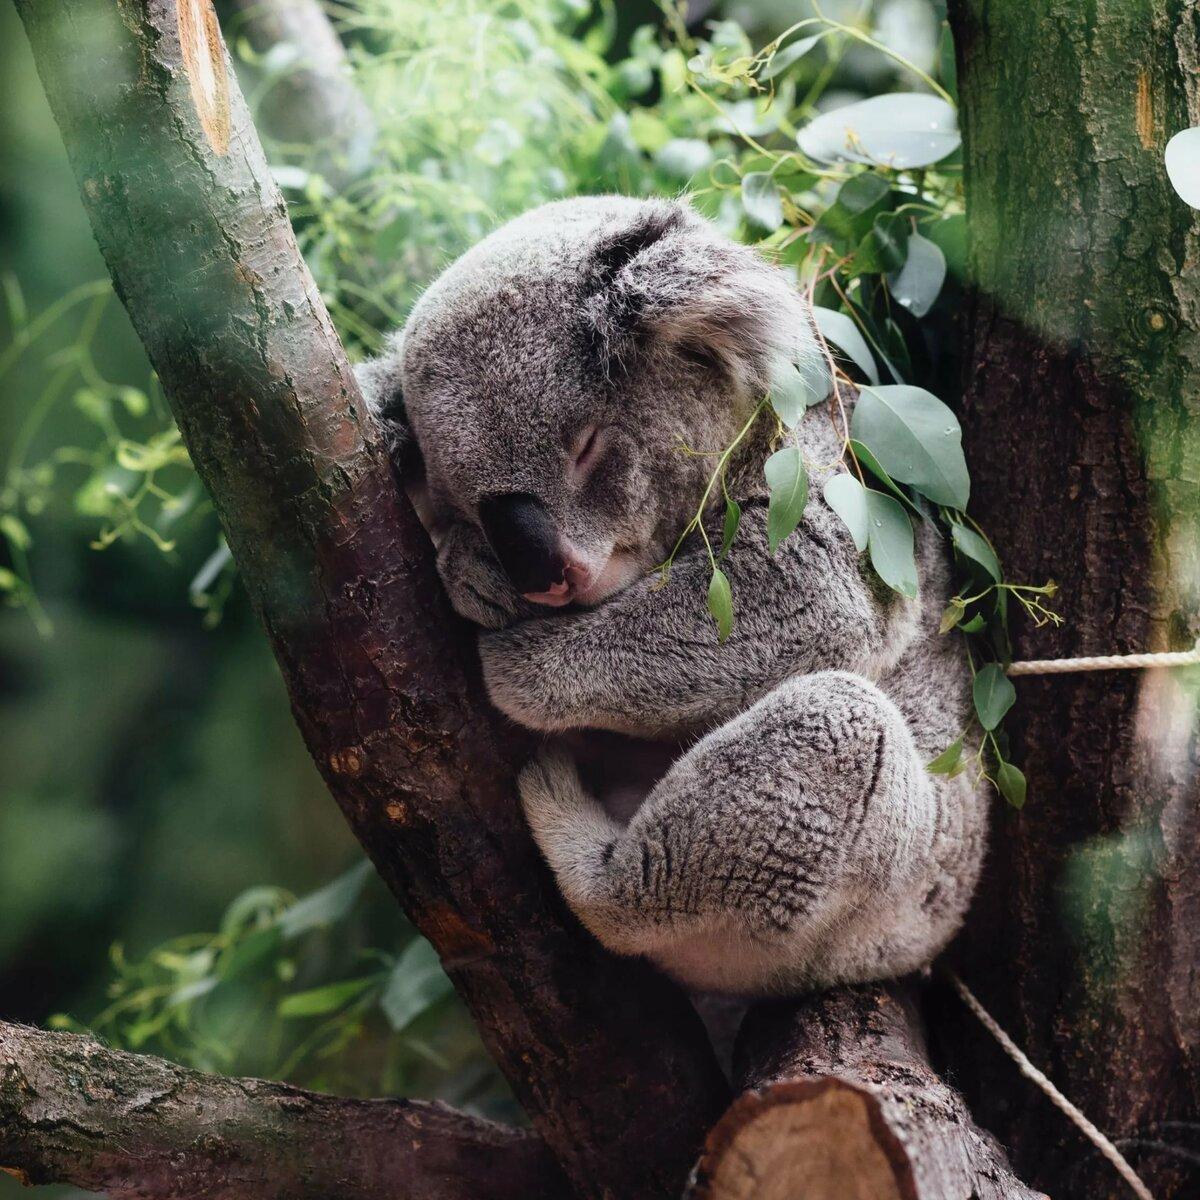 афроевропеец, как коала на бамбуке картинки дополнительные съёмные